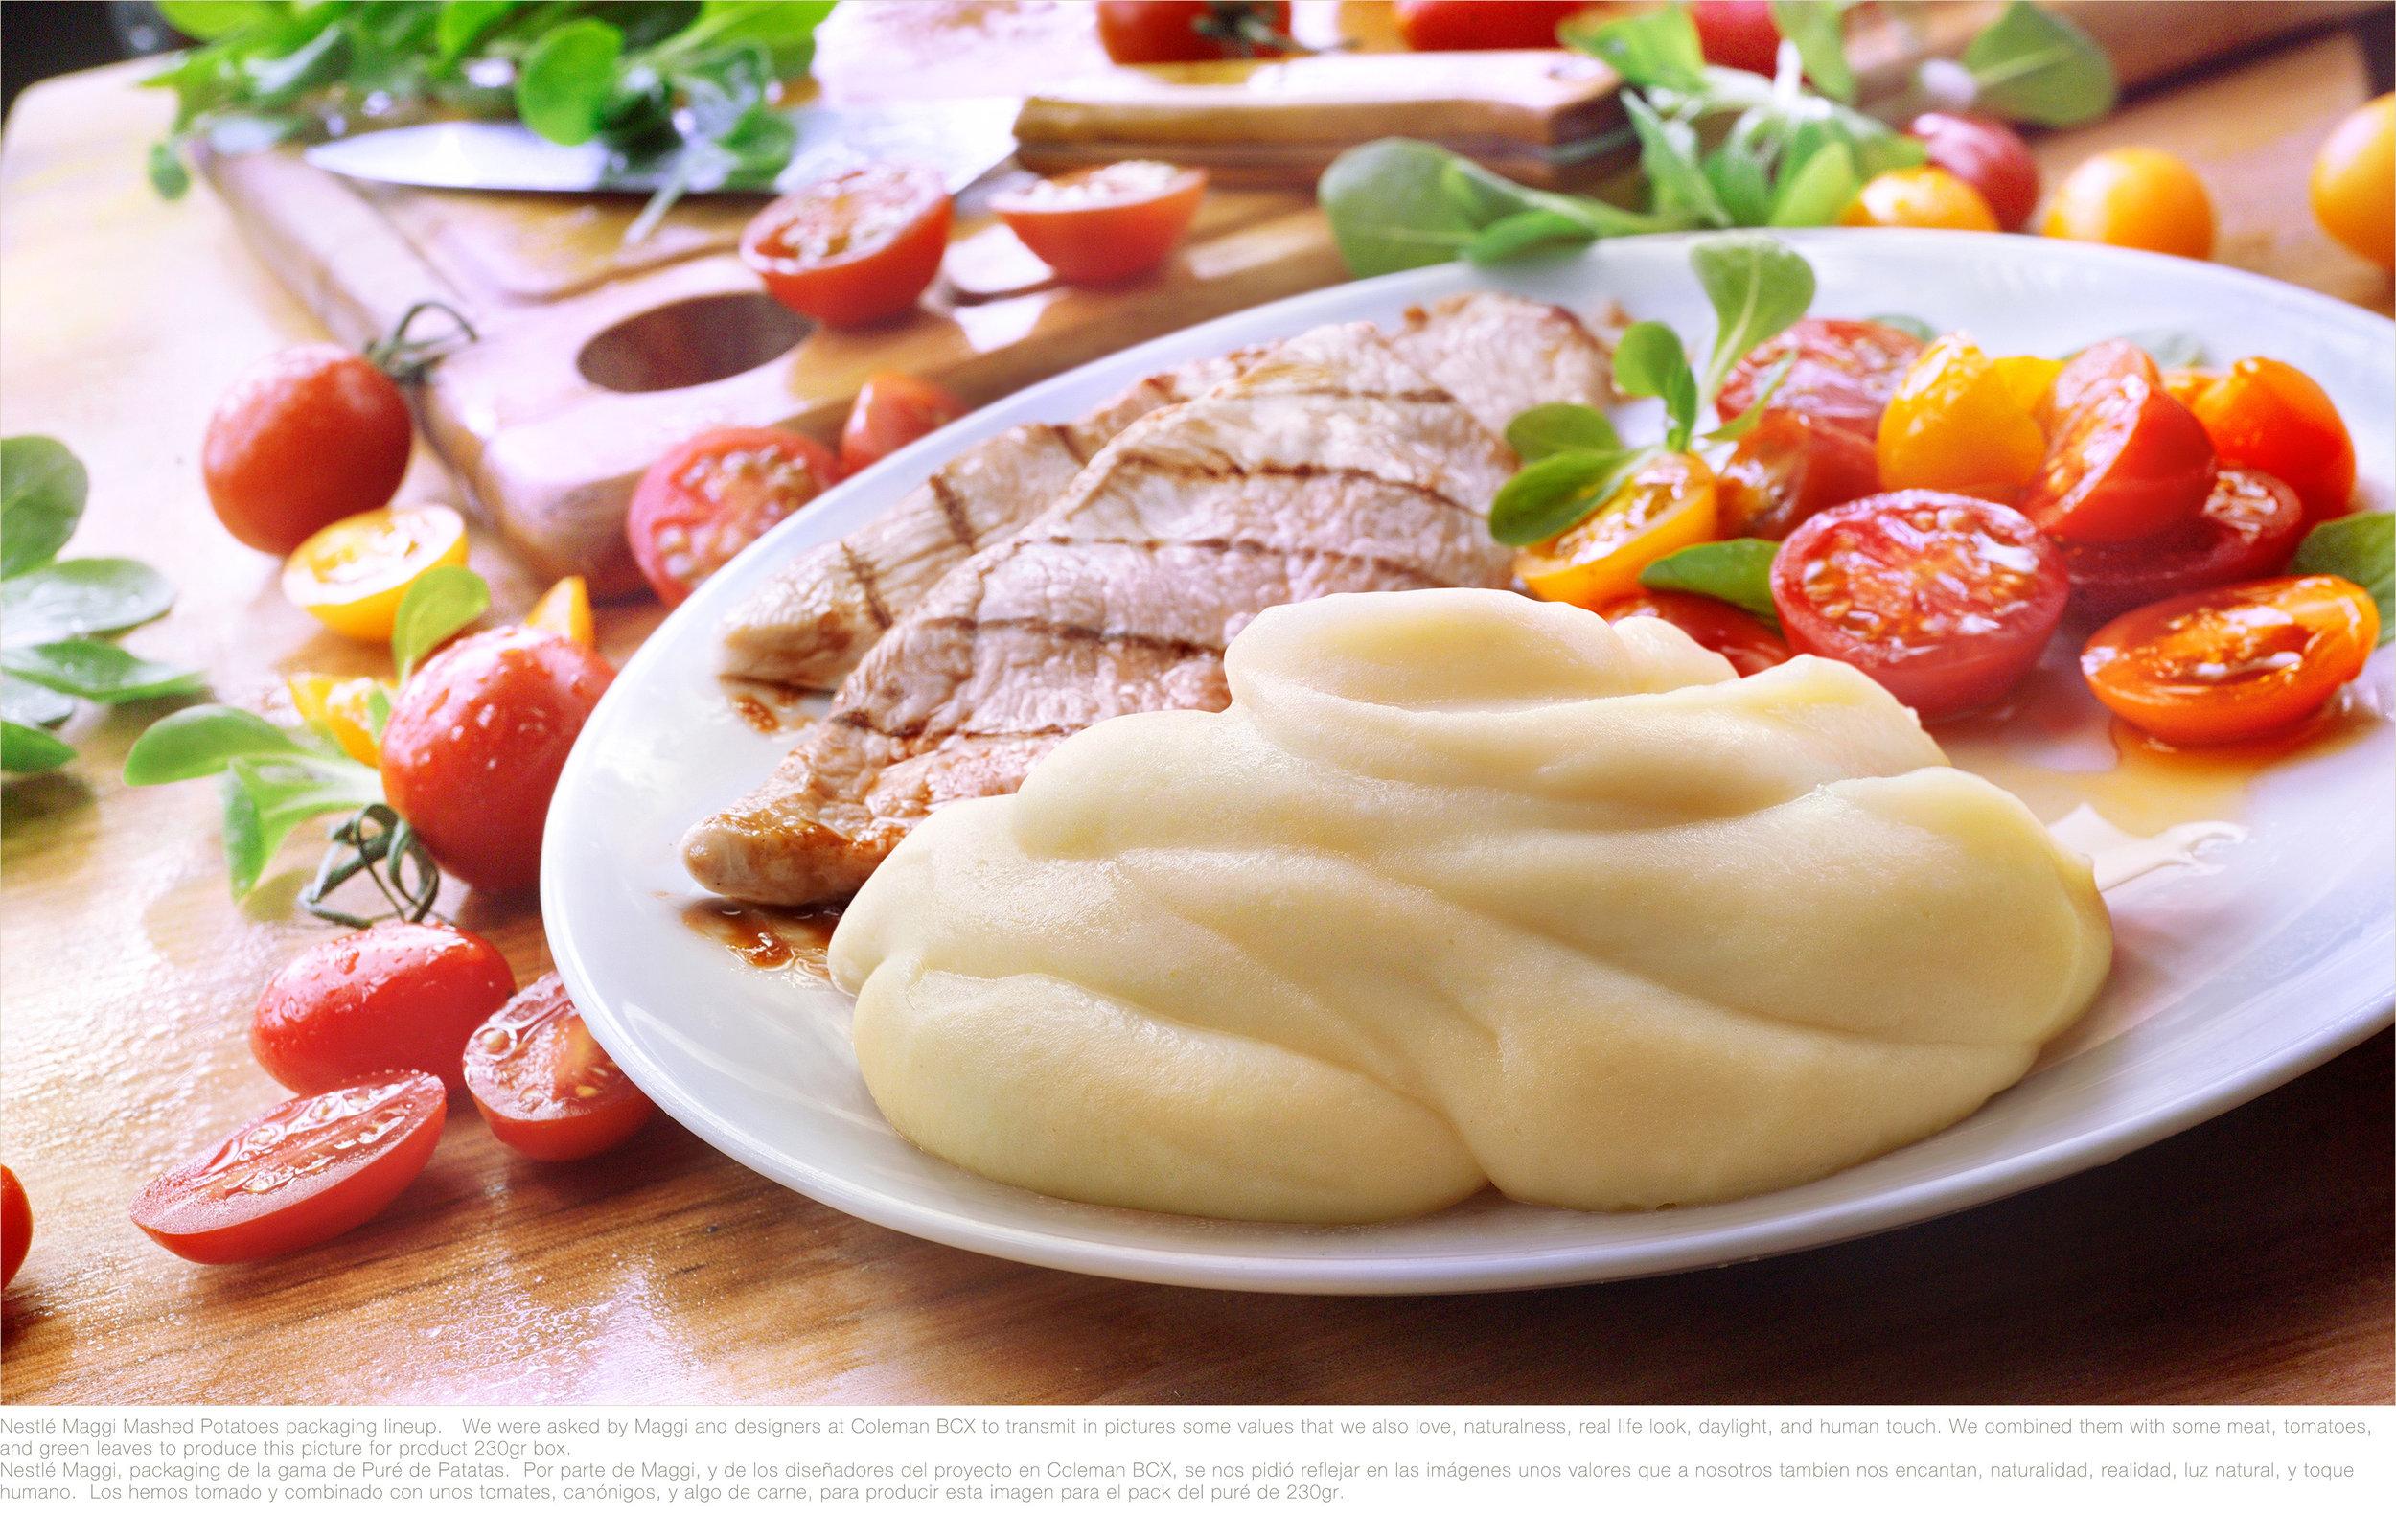 1535c-Maggi-Pure-Foto-con-Carne-Cherrys-04.jpg